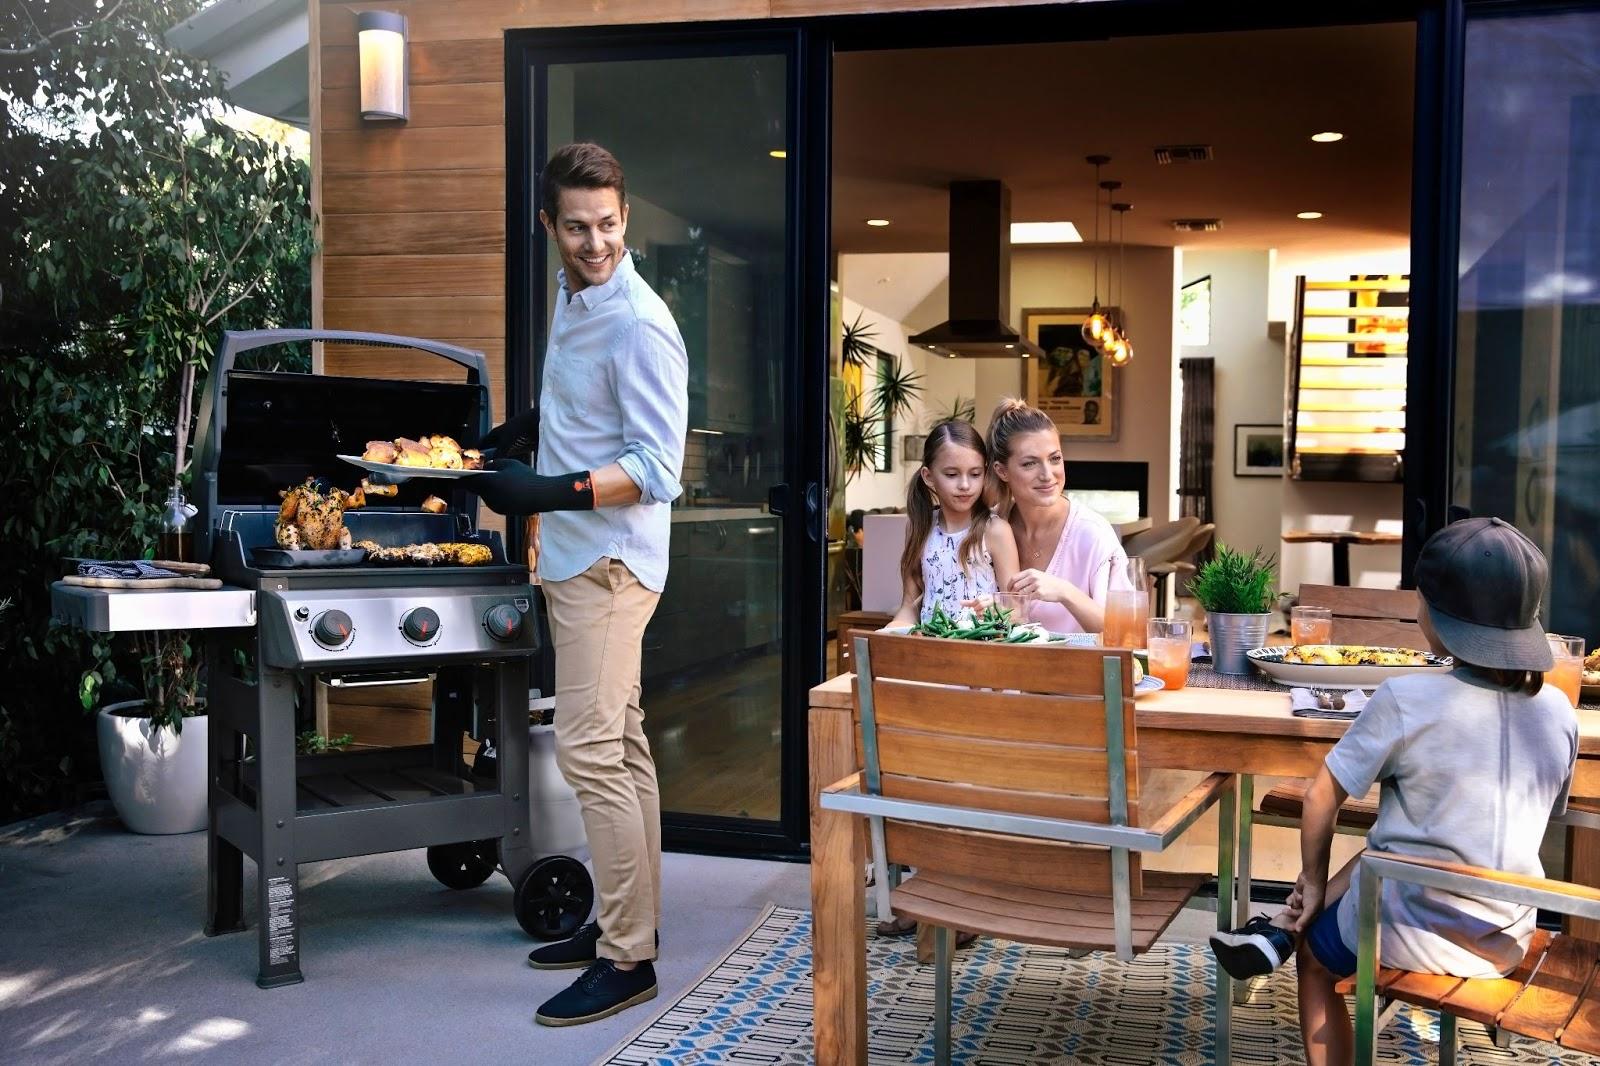 Wesoła rodzina grillująca nadomowym tarasie.